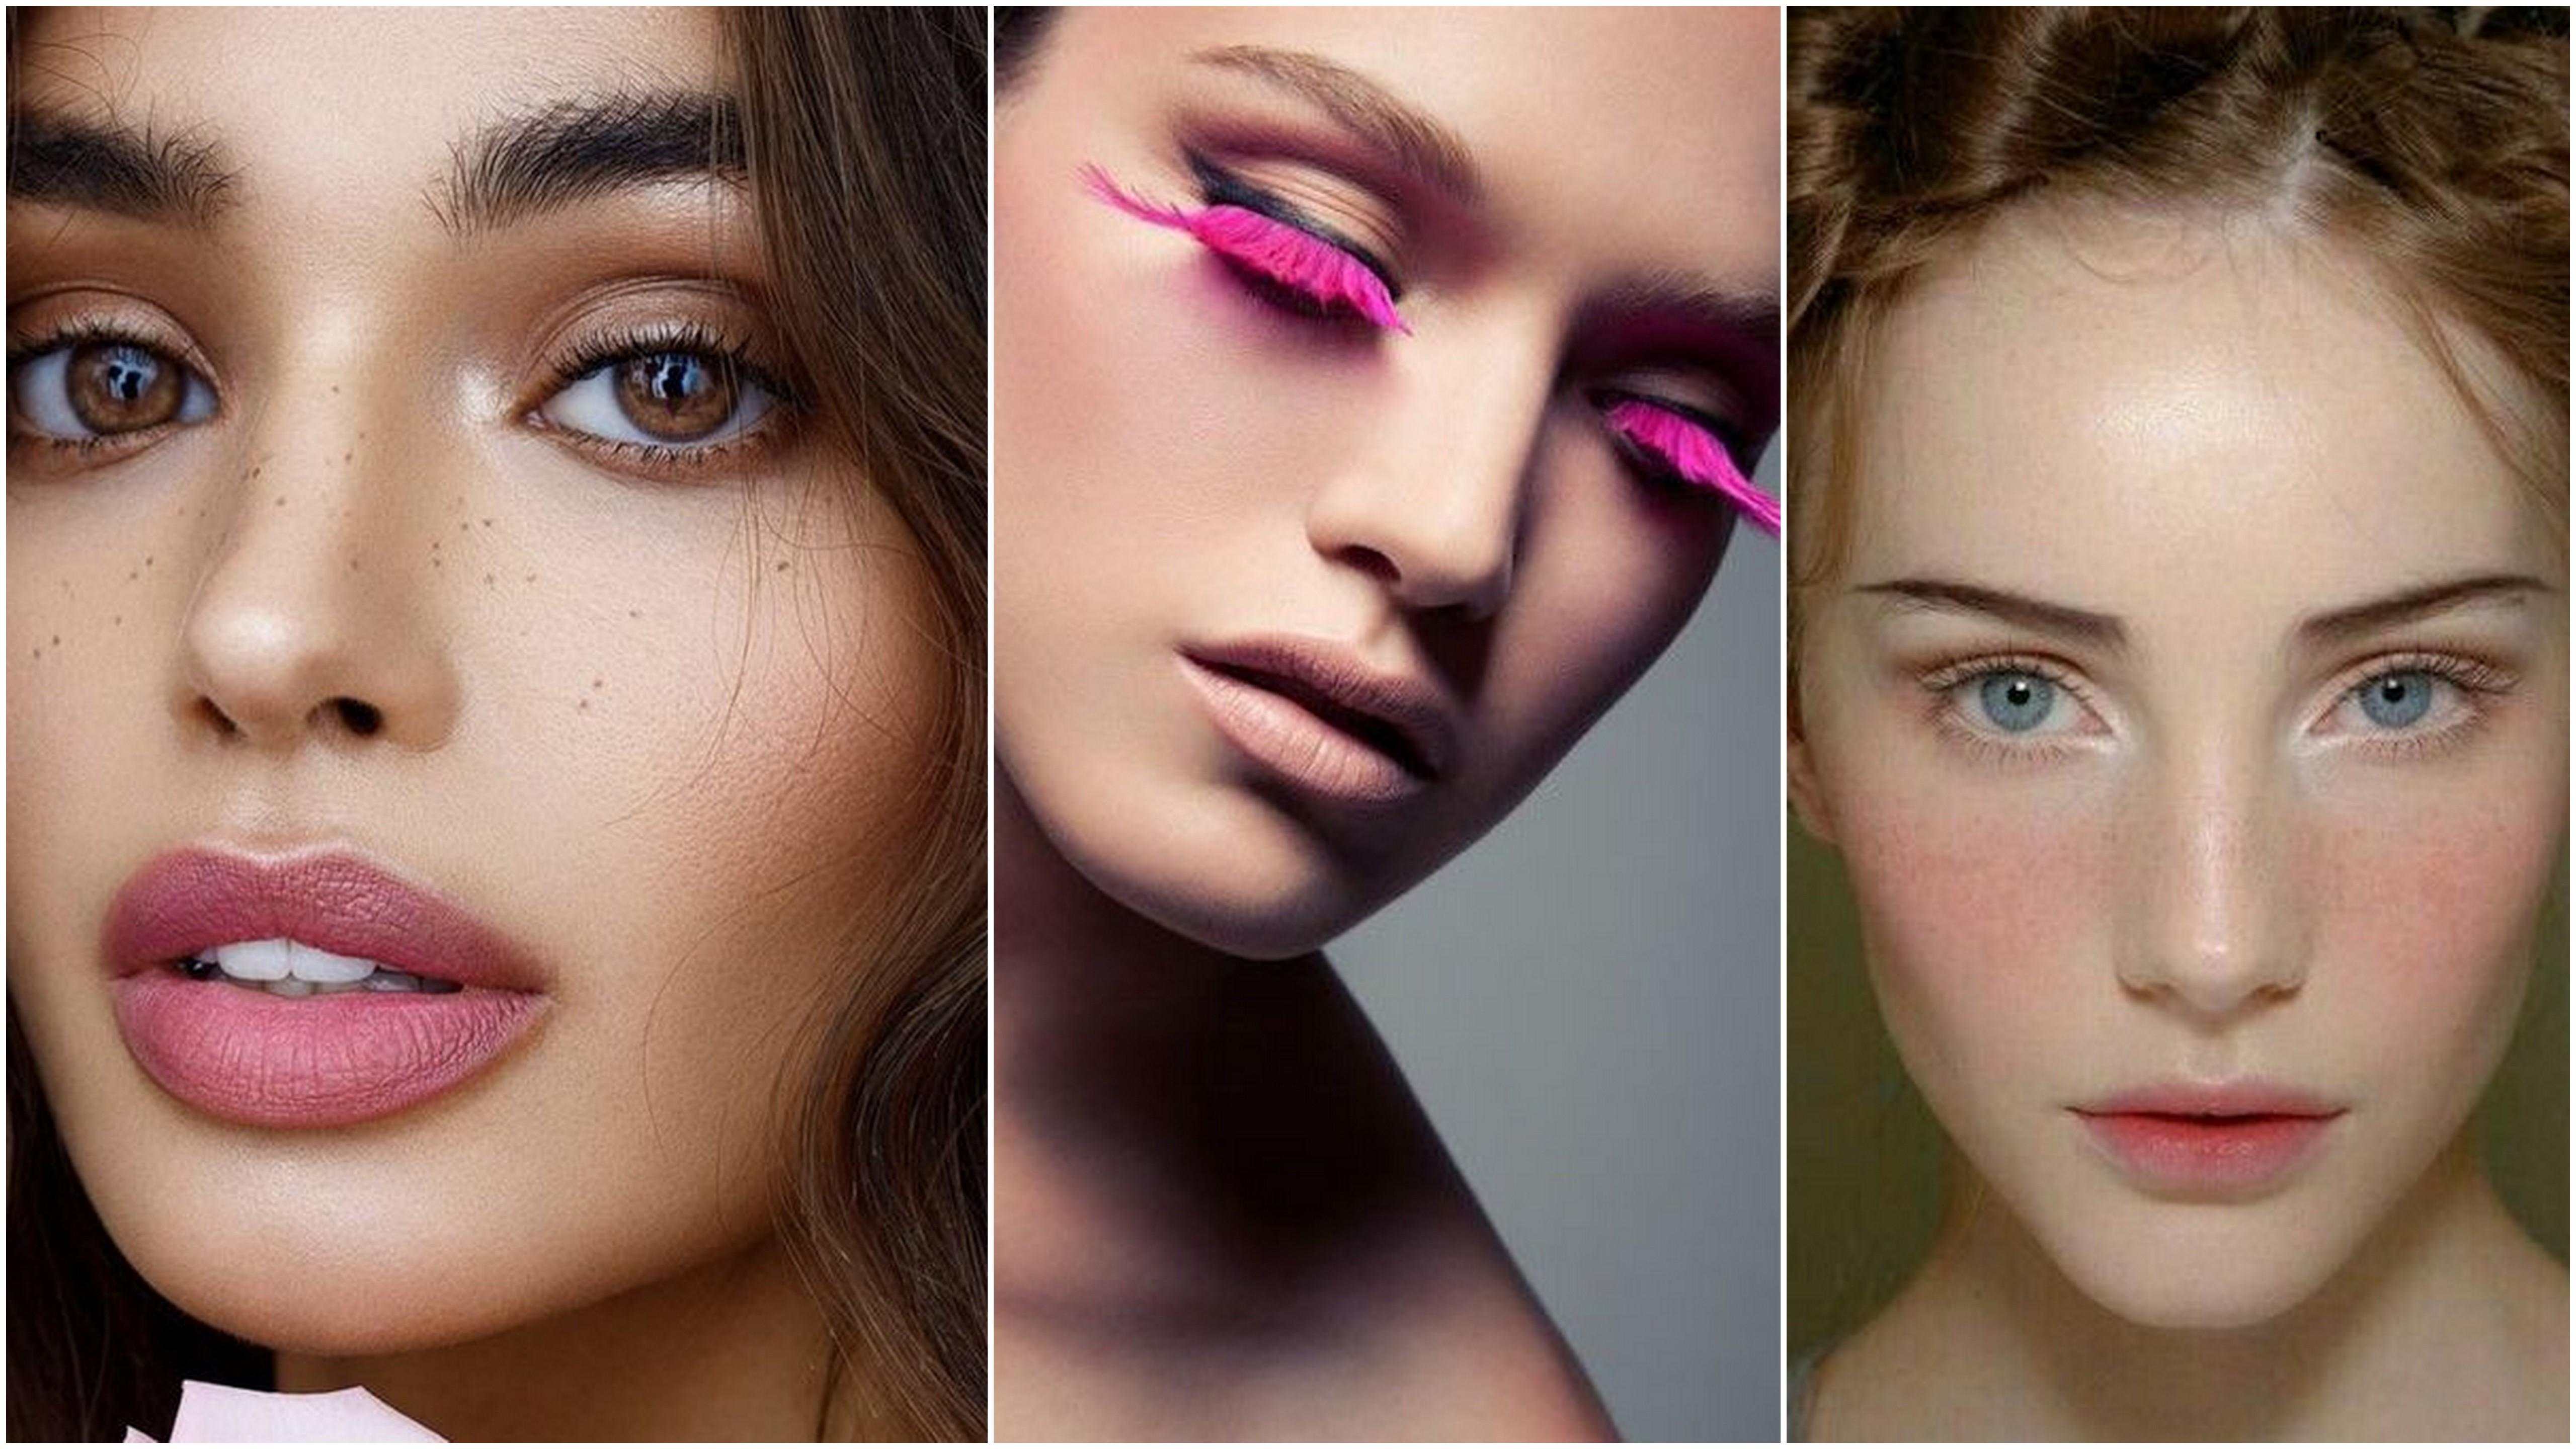 Trucco rosa: il make-up romantico per viso, occhi e labbra